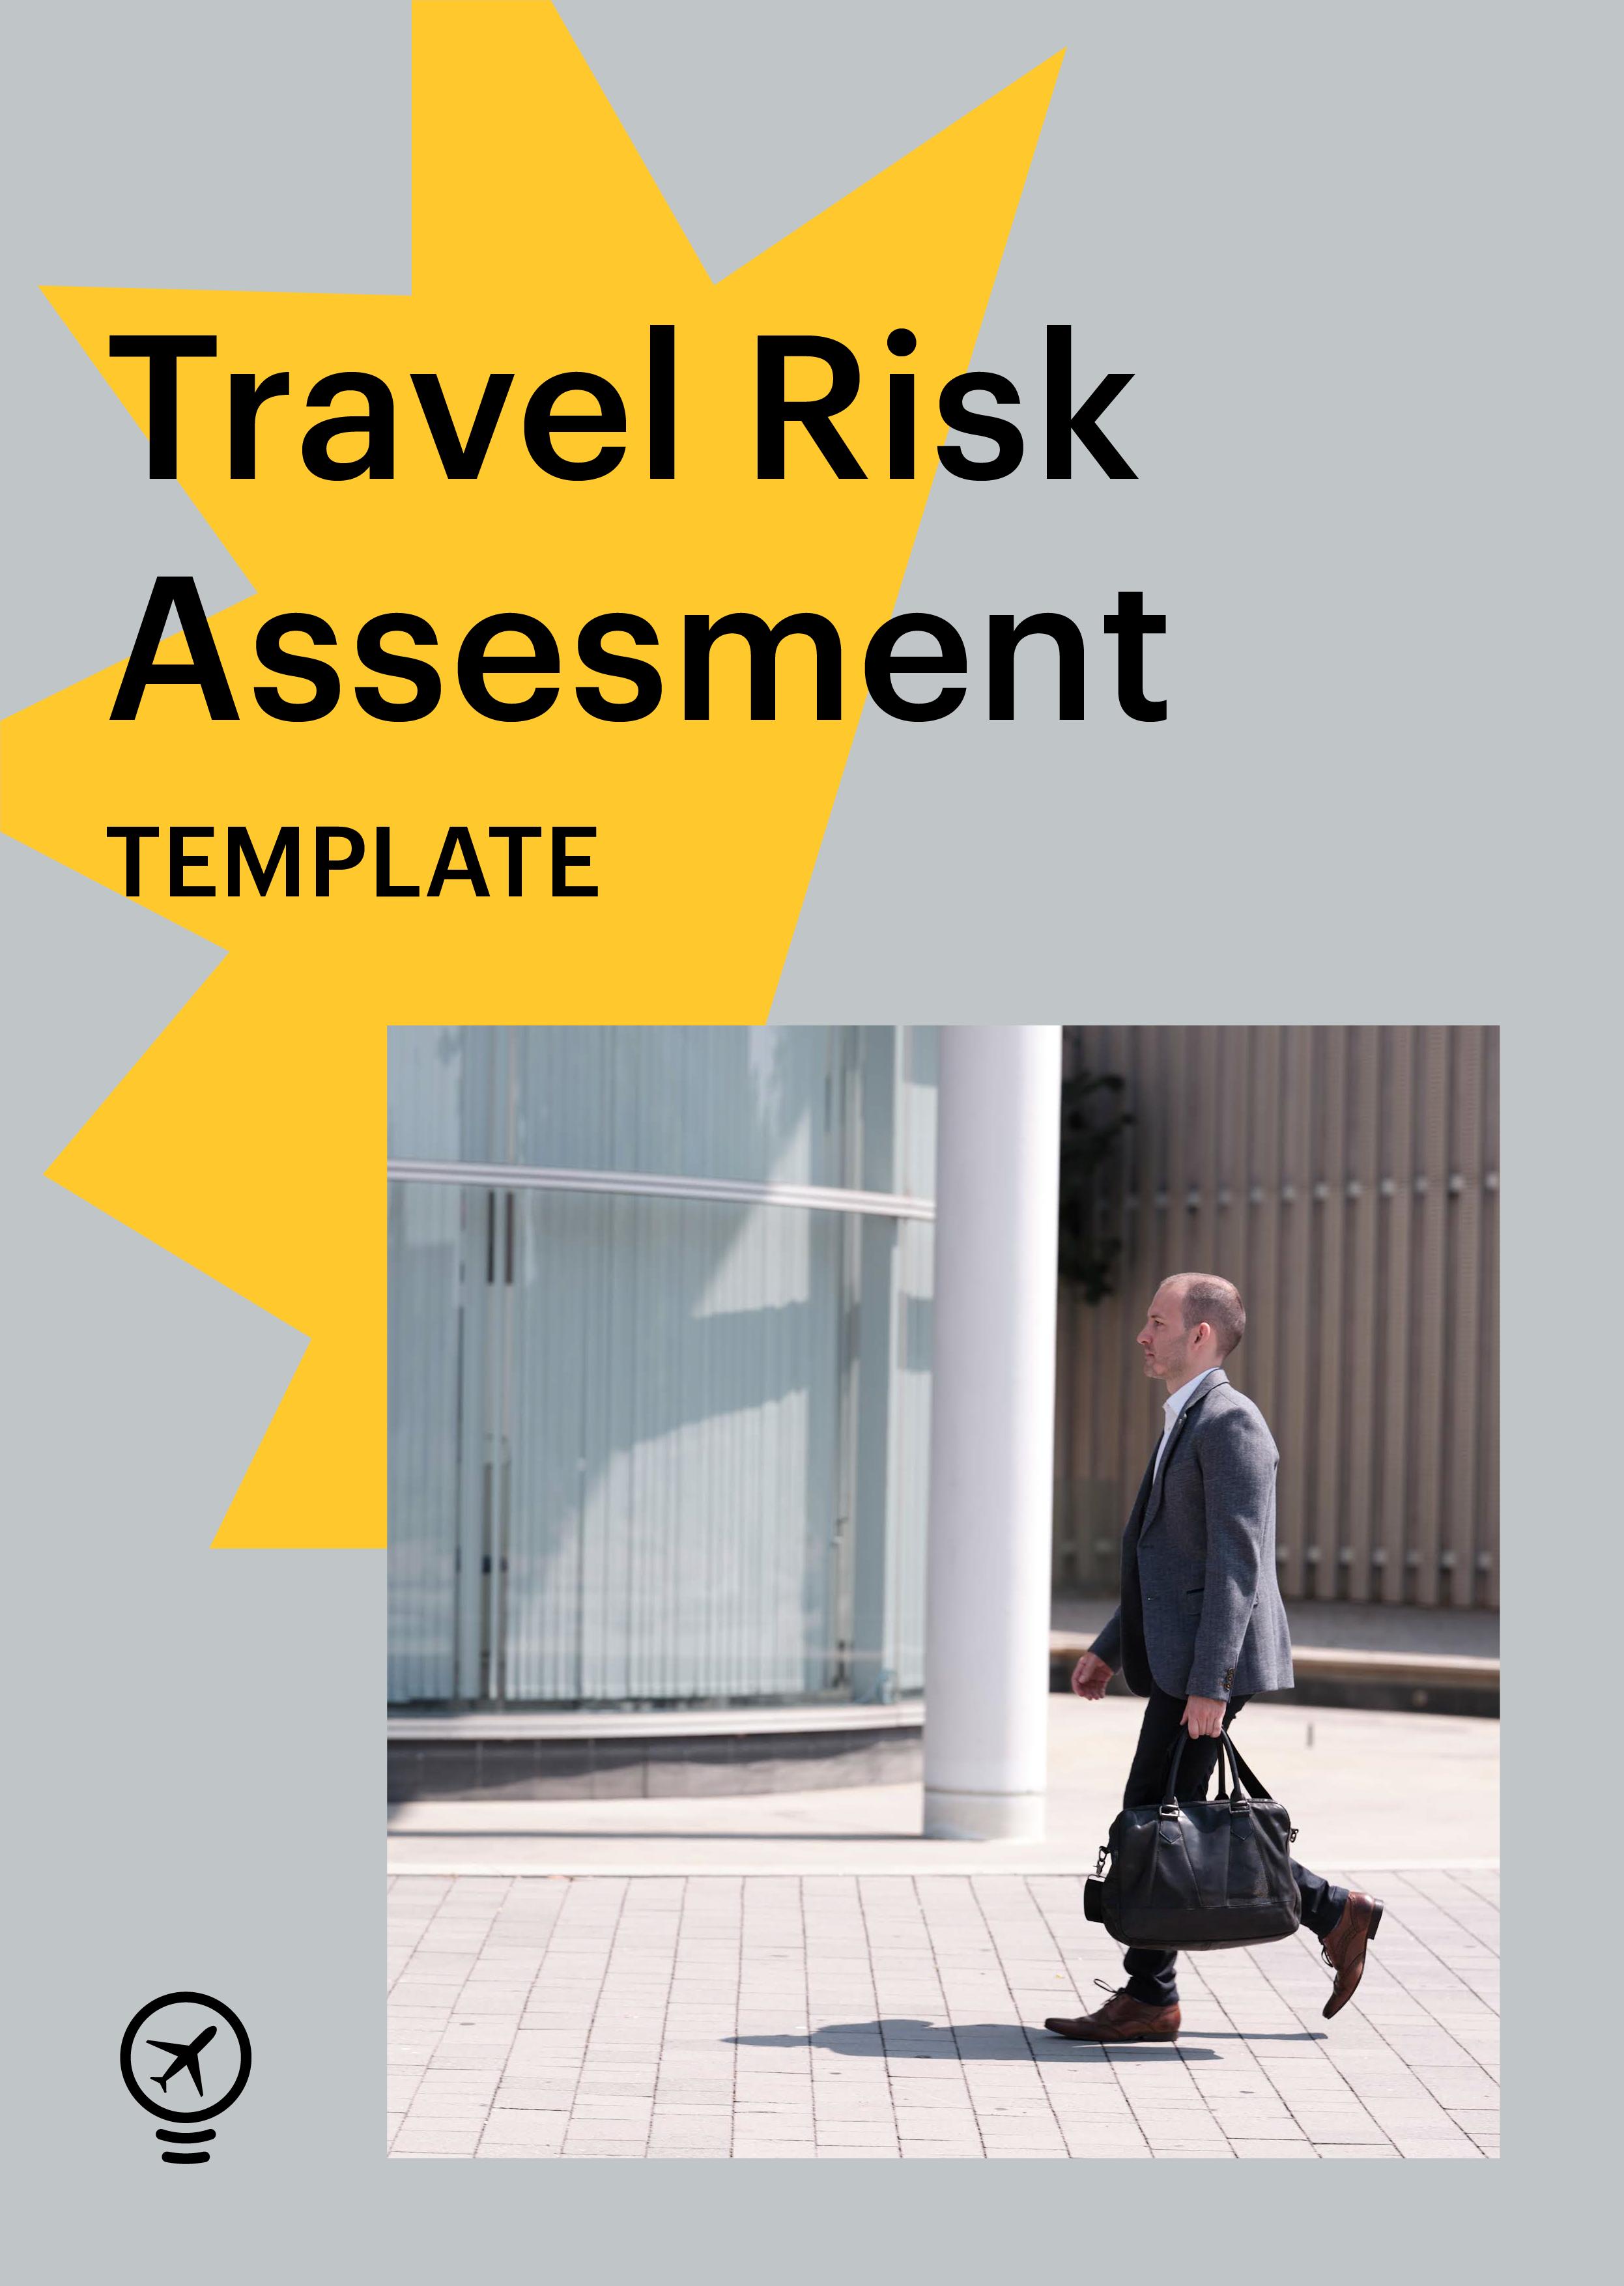 Travel risk assessment template